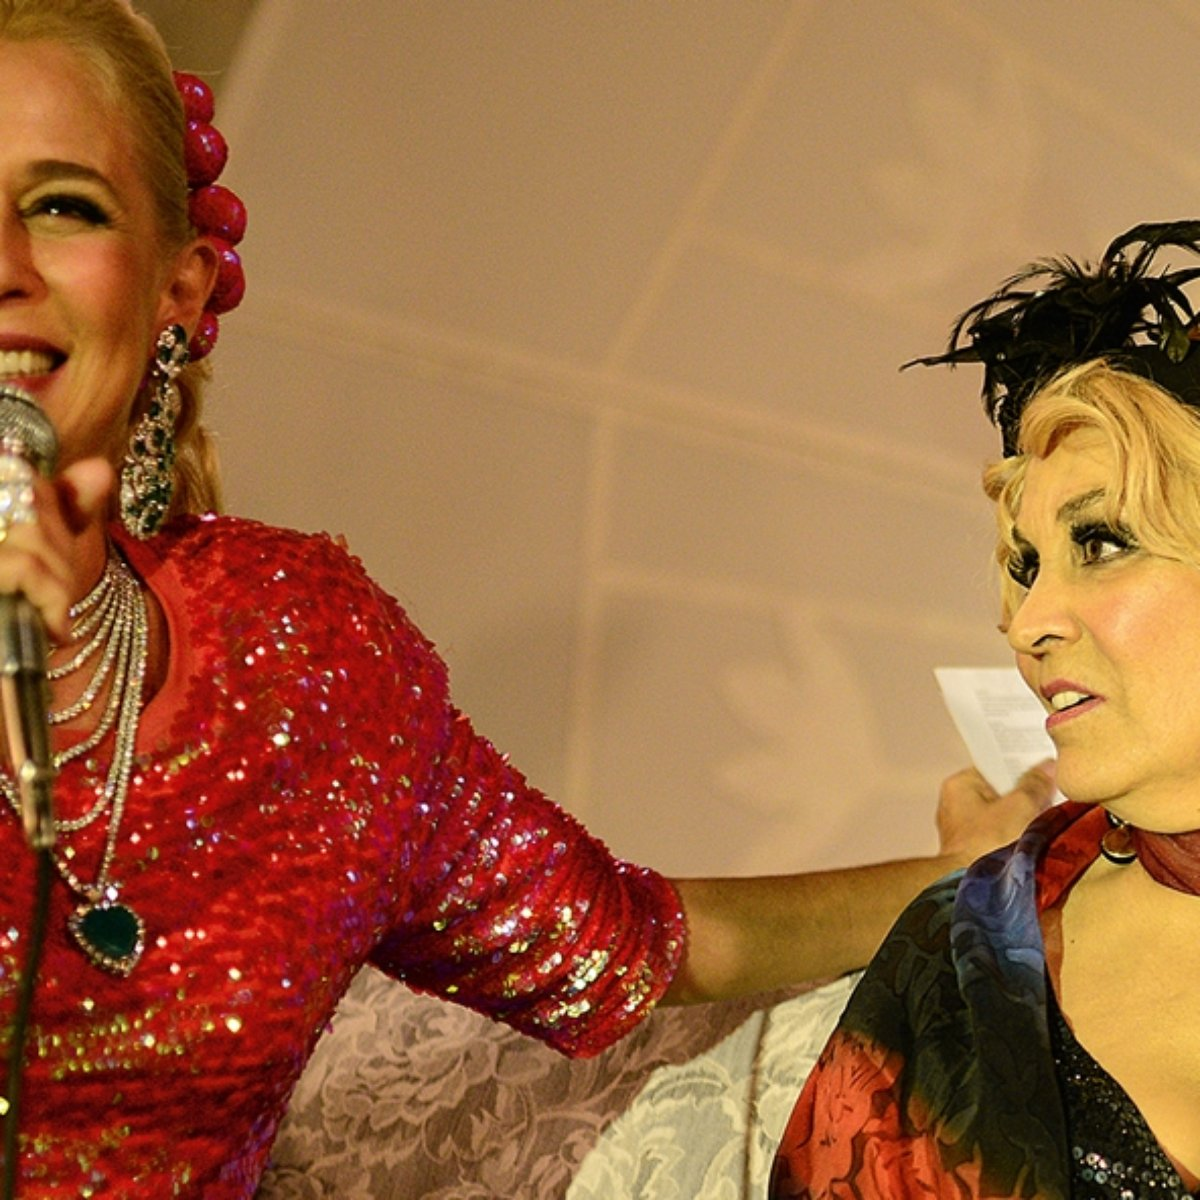 Andreia Beltrao Nua atriz de 69 anos rouba a cena ao mostrar os seios em hebe